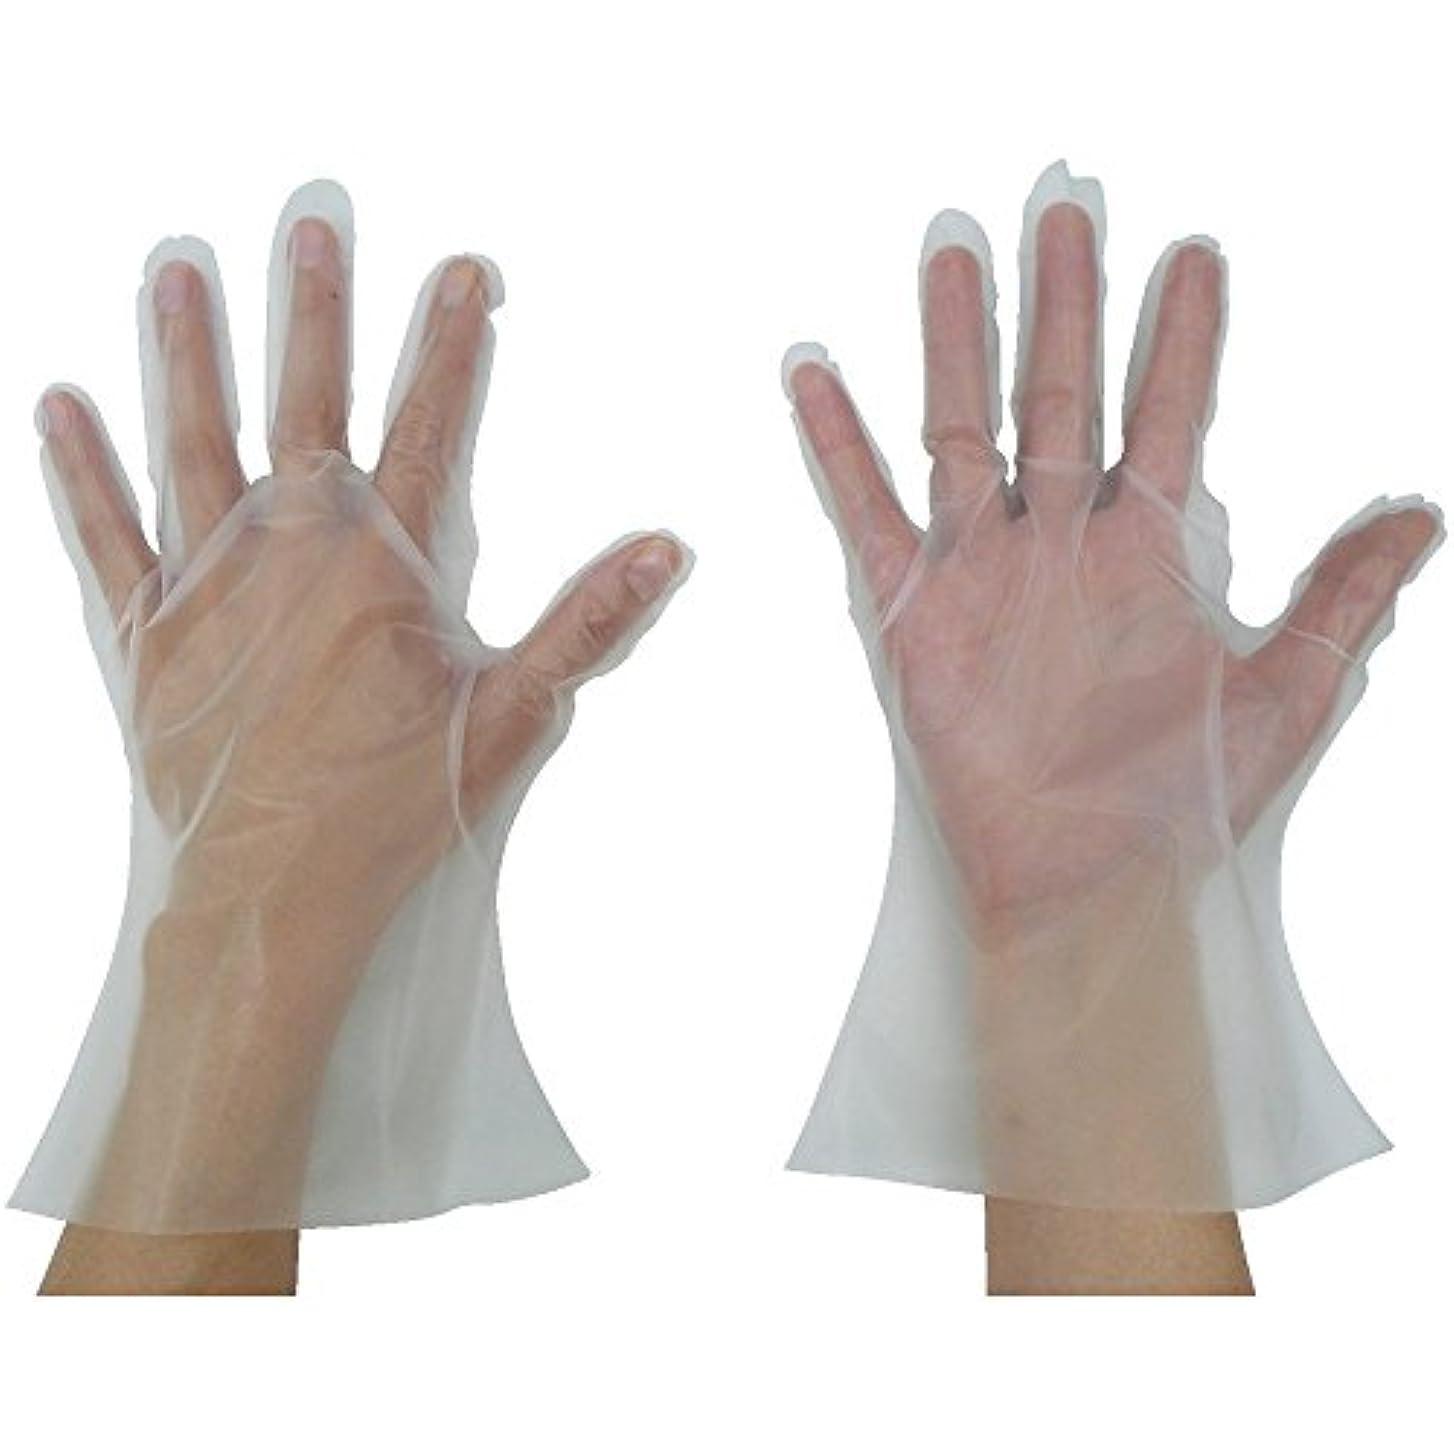 アドバンテージ高さブロッサム東京パック 緊急災害対策用手袋ニュ?マイジャスト簡易50S 半透明 KN-S ポリエチレン使い捨て手袋